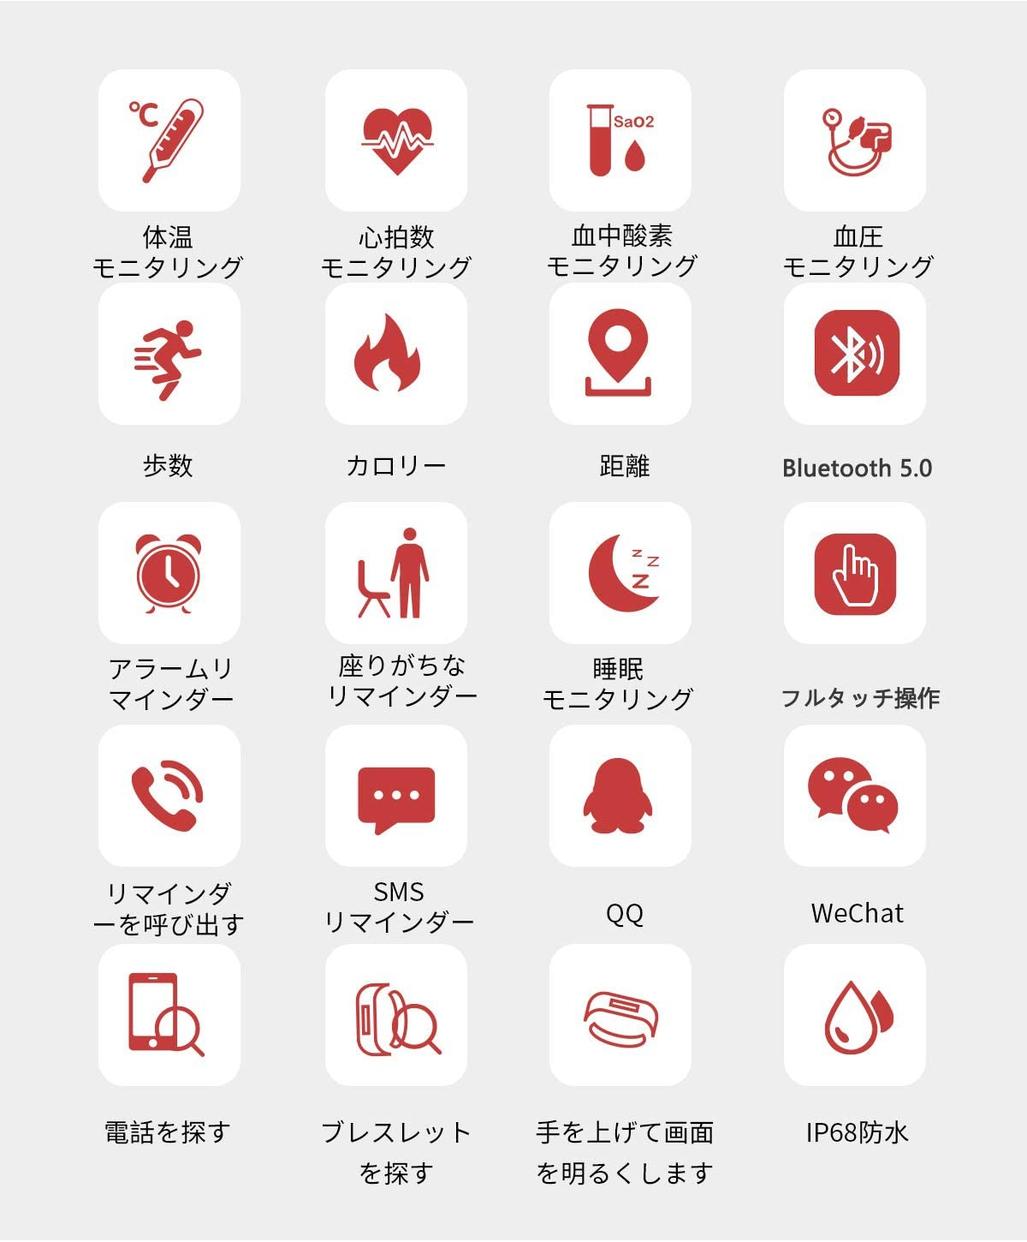 Timicon(ティムコン) スマートウォッチ G21の商品画像5